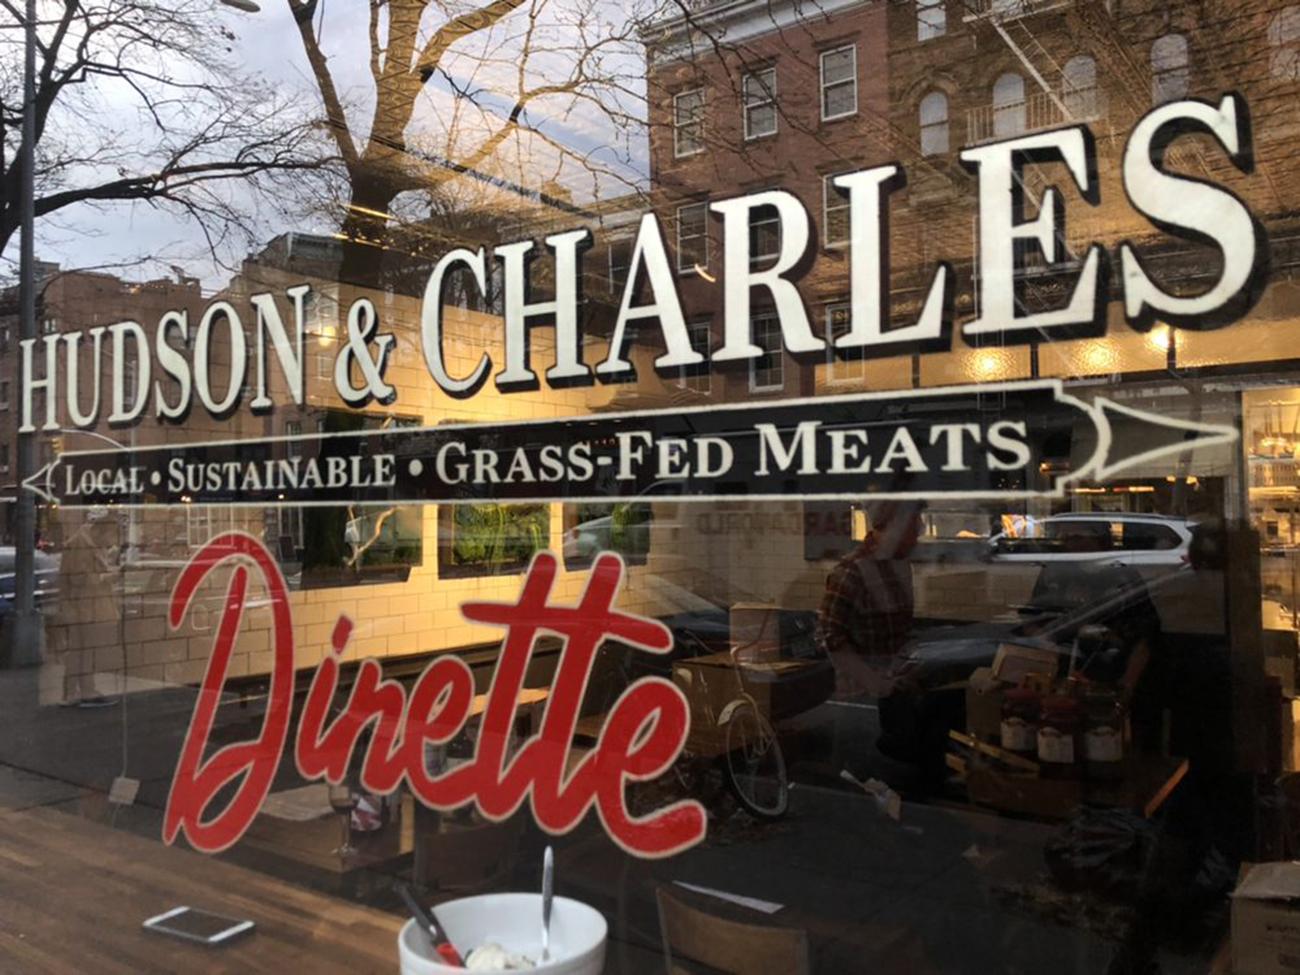 Hudson & Charles Dinette